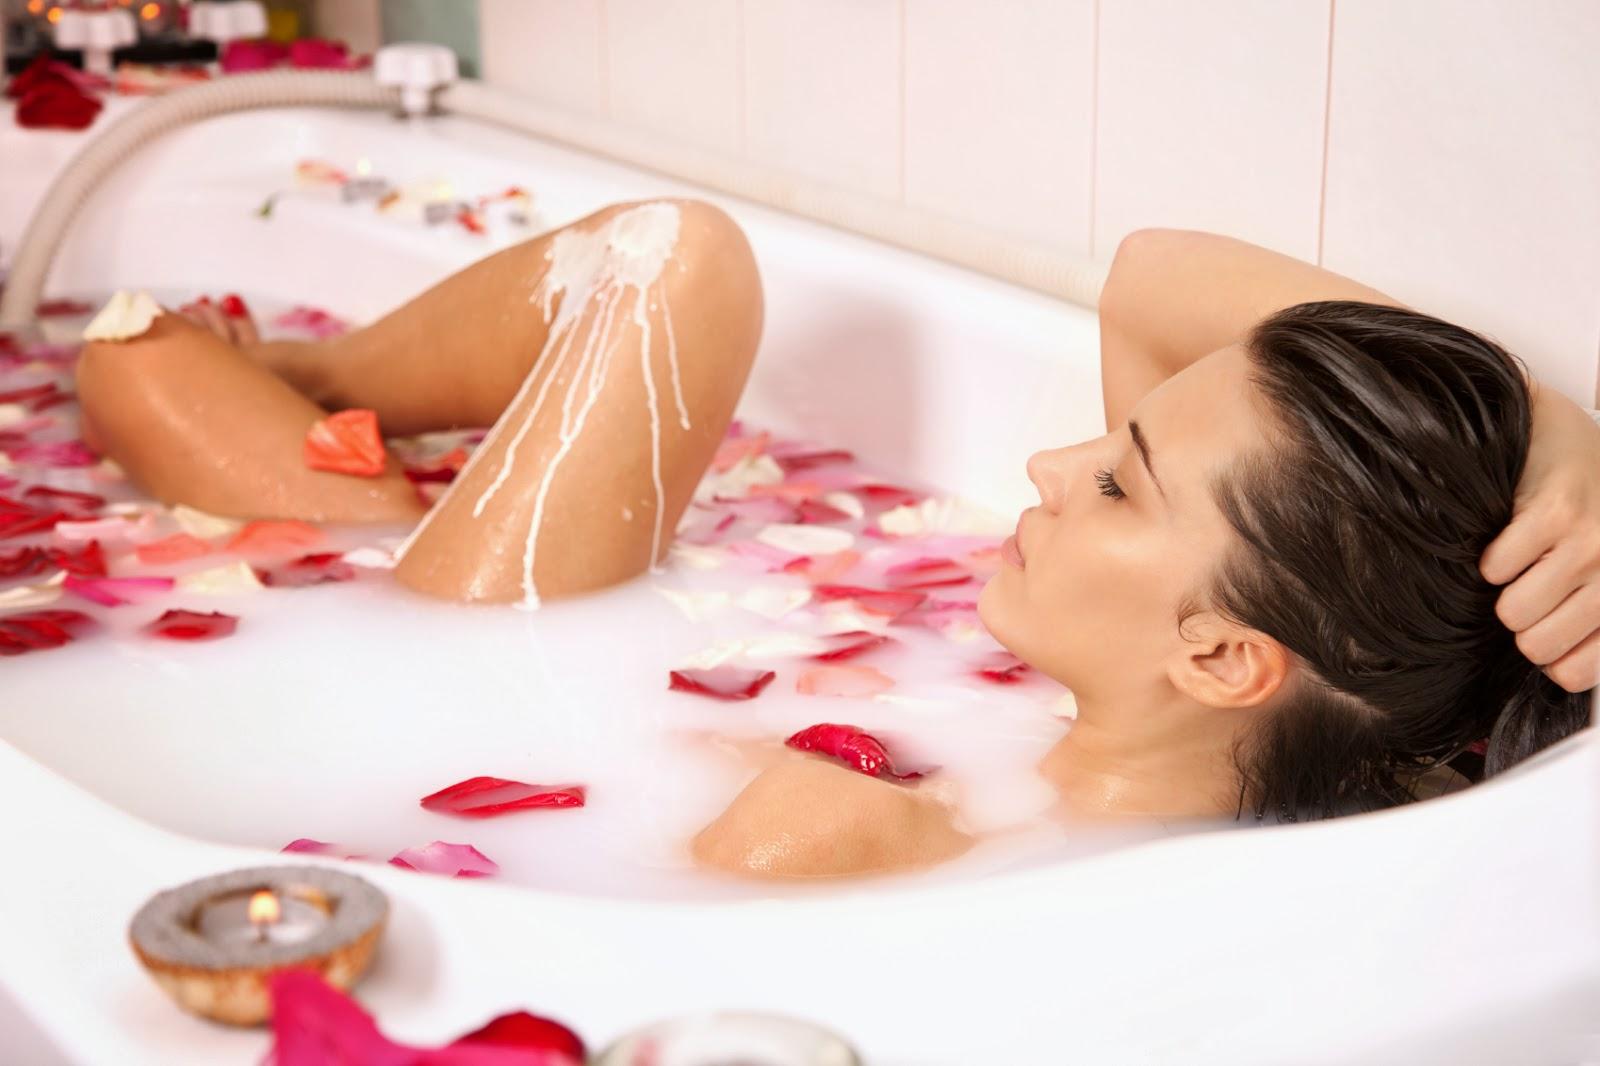 Sali di epsom straordinarie propriet benefiche per mente - Sali di epsom bagno ...